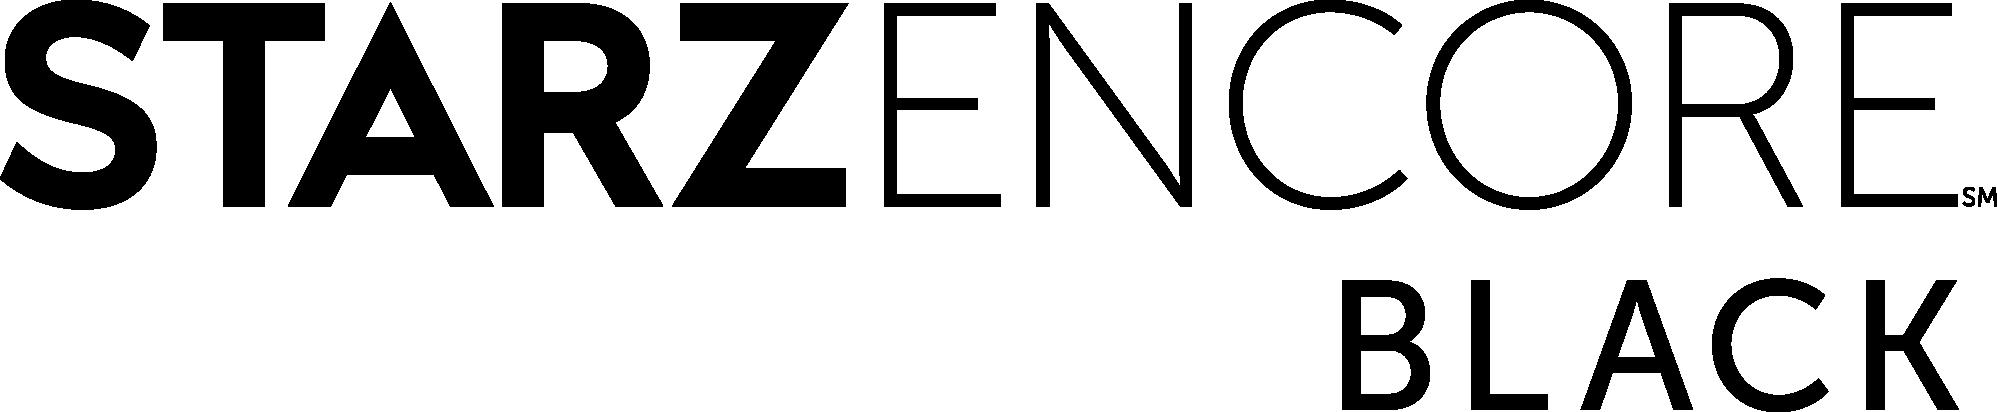 STARZENCORE BLACK